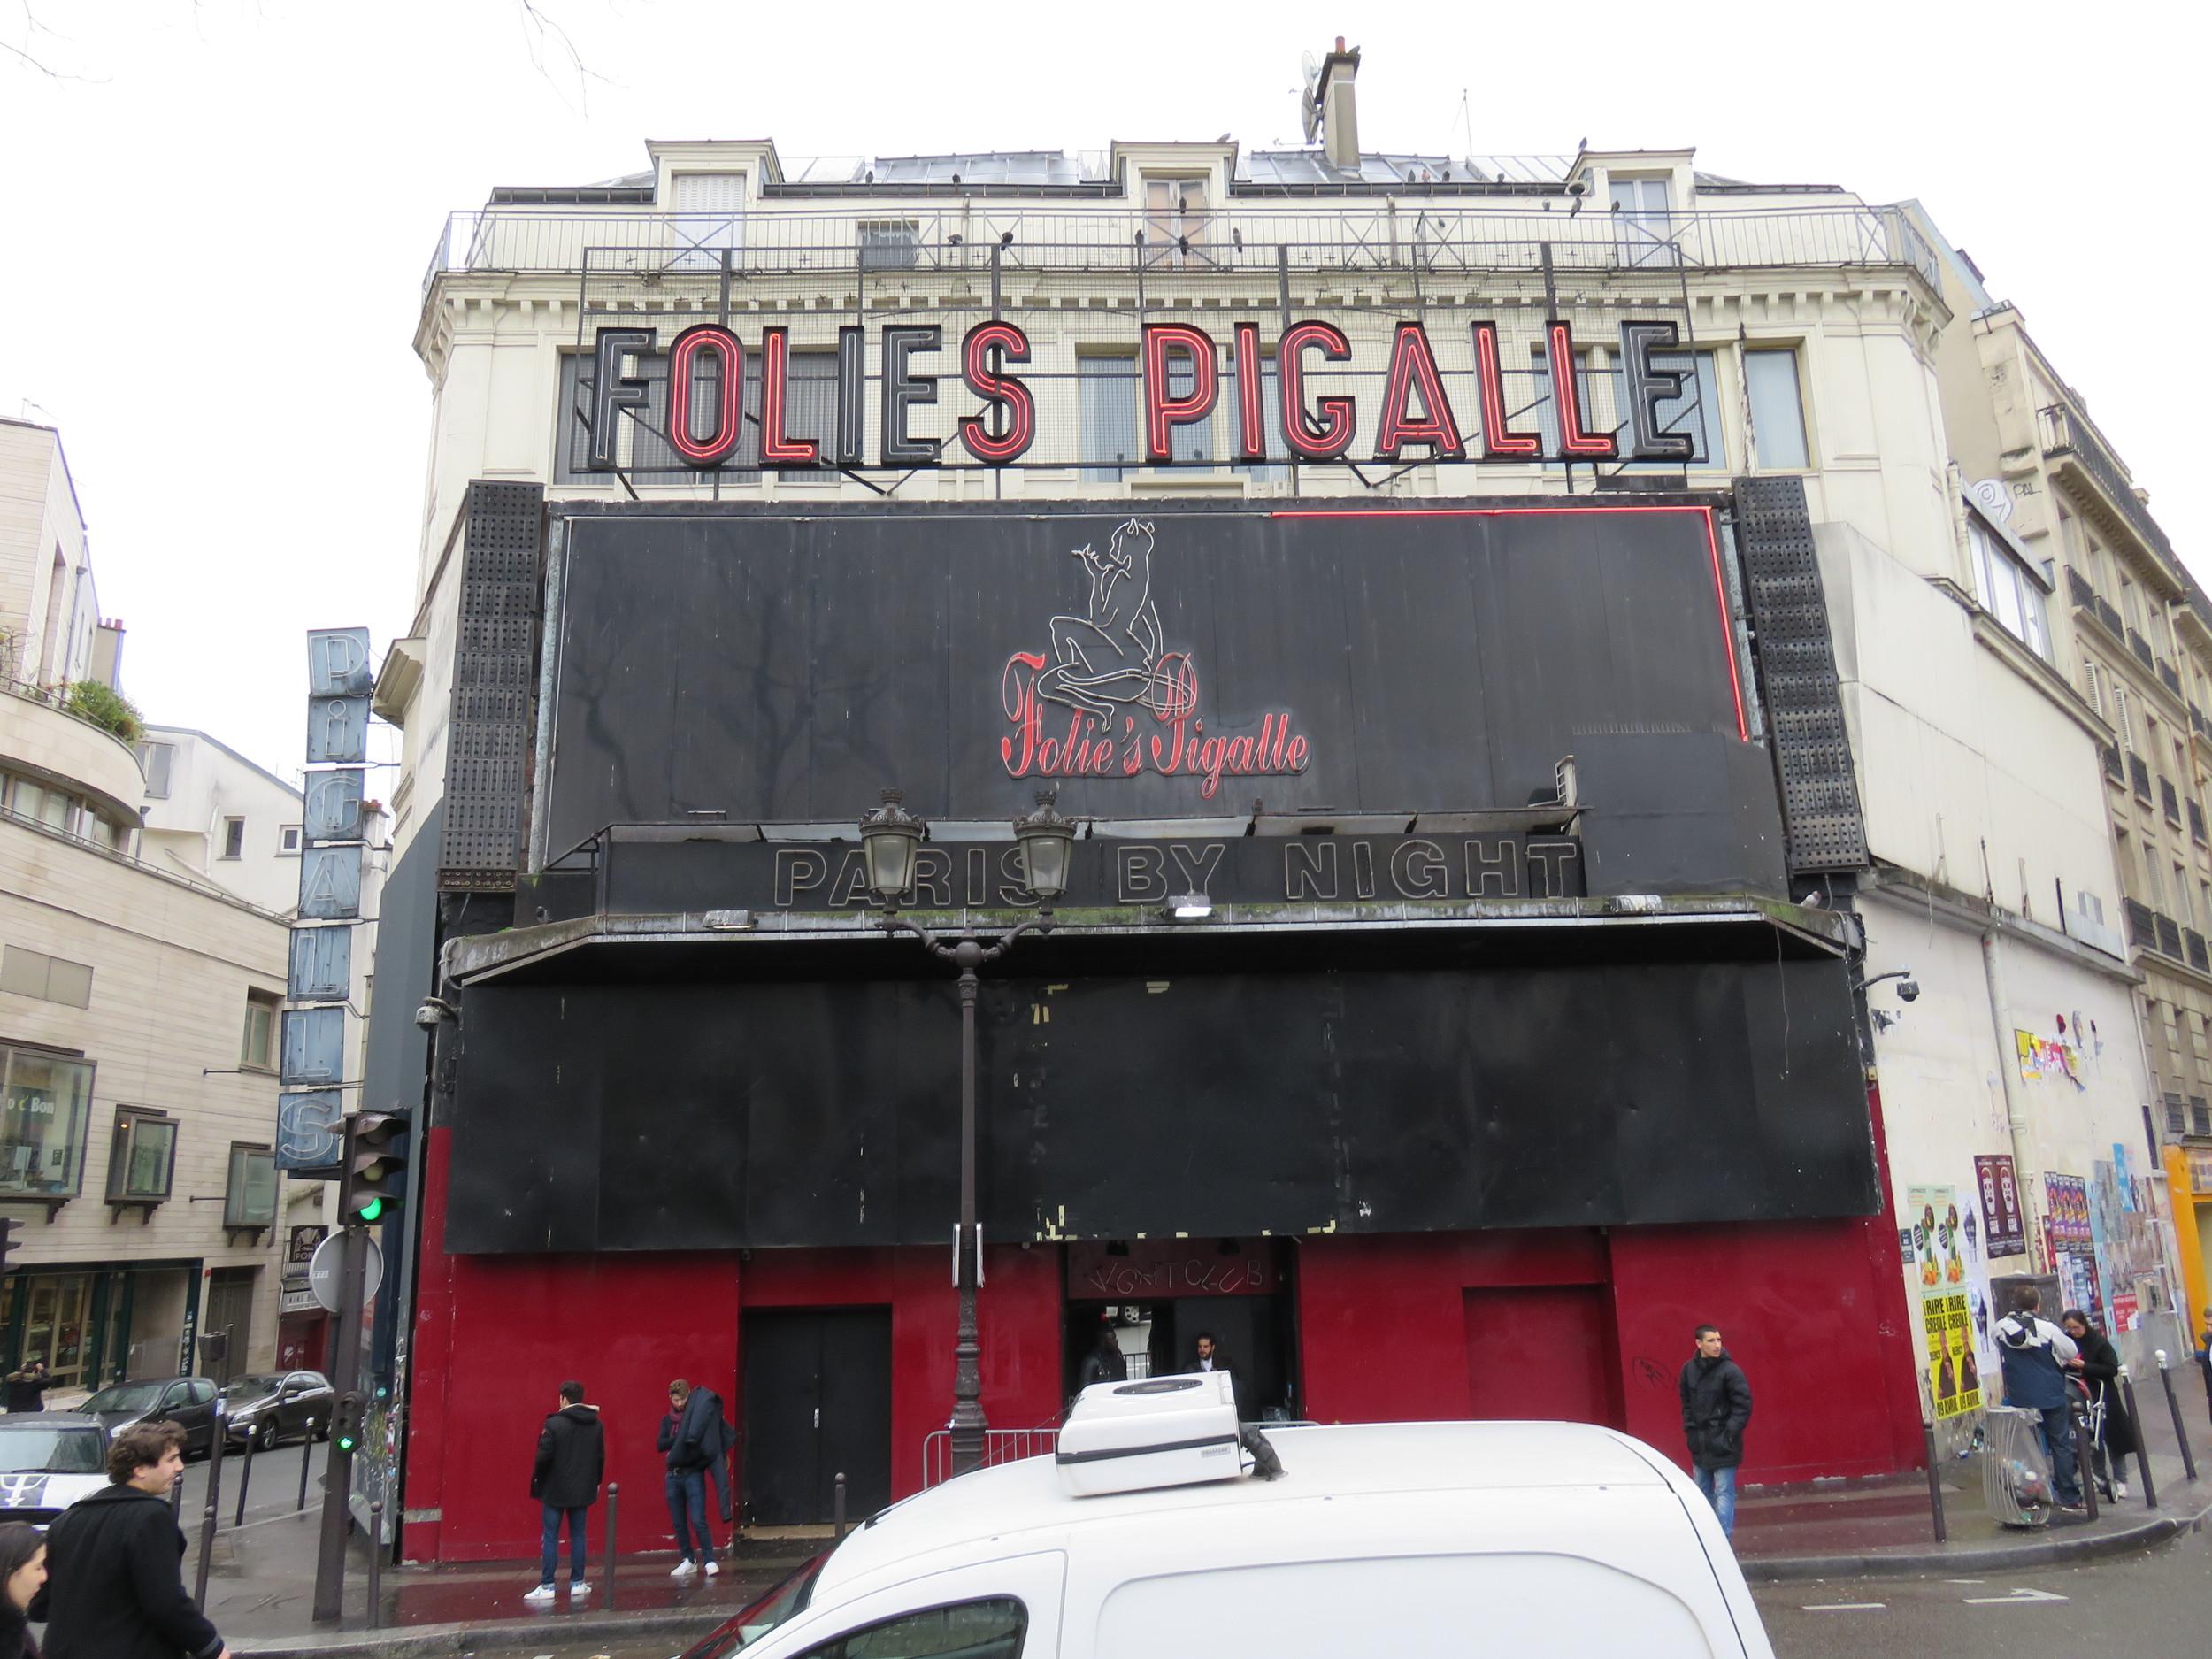 What I assume to be a Paris strip club